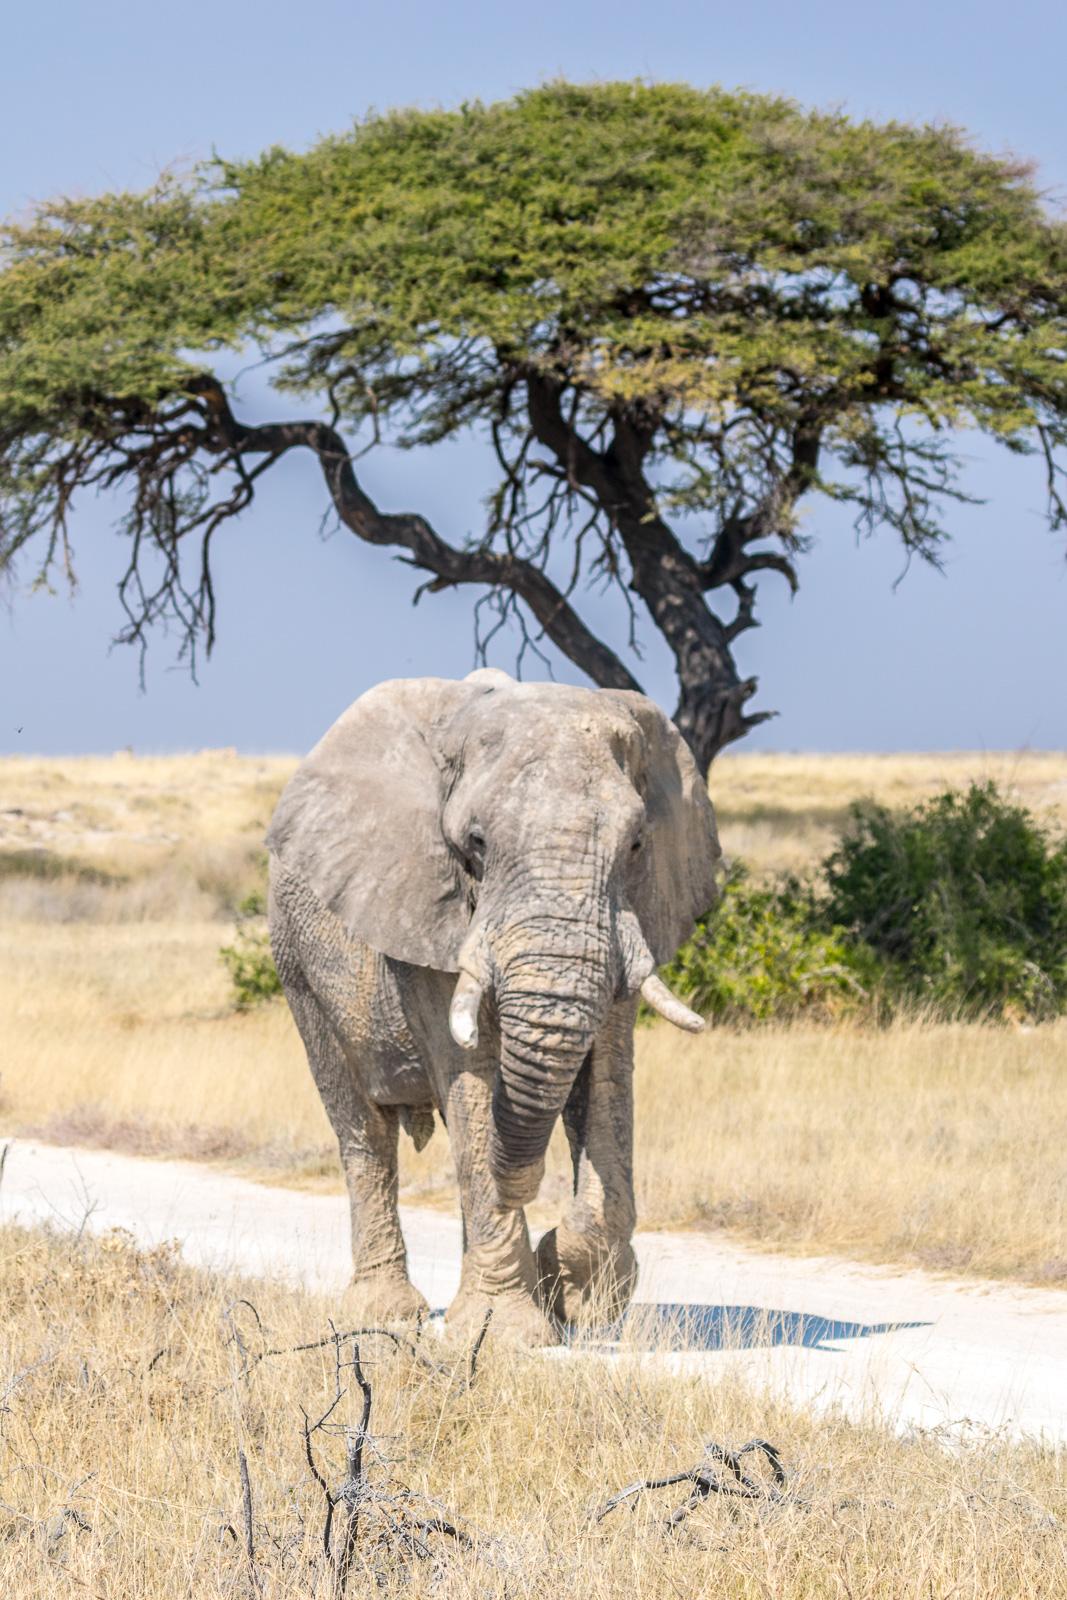 Africa, Namibia, Etosha, elephant